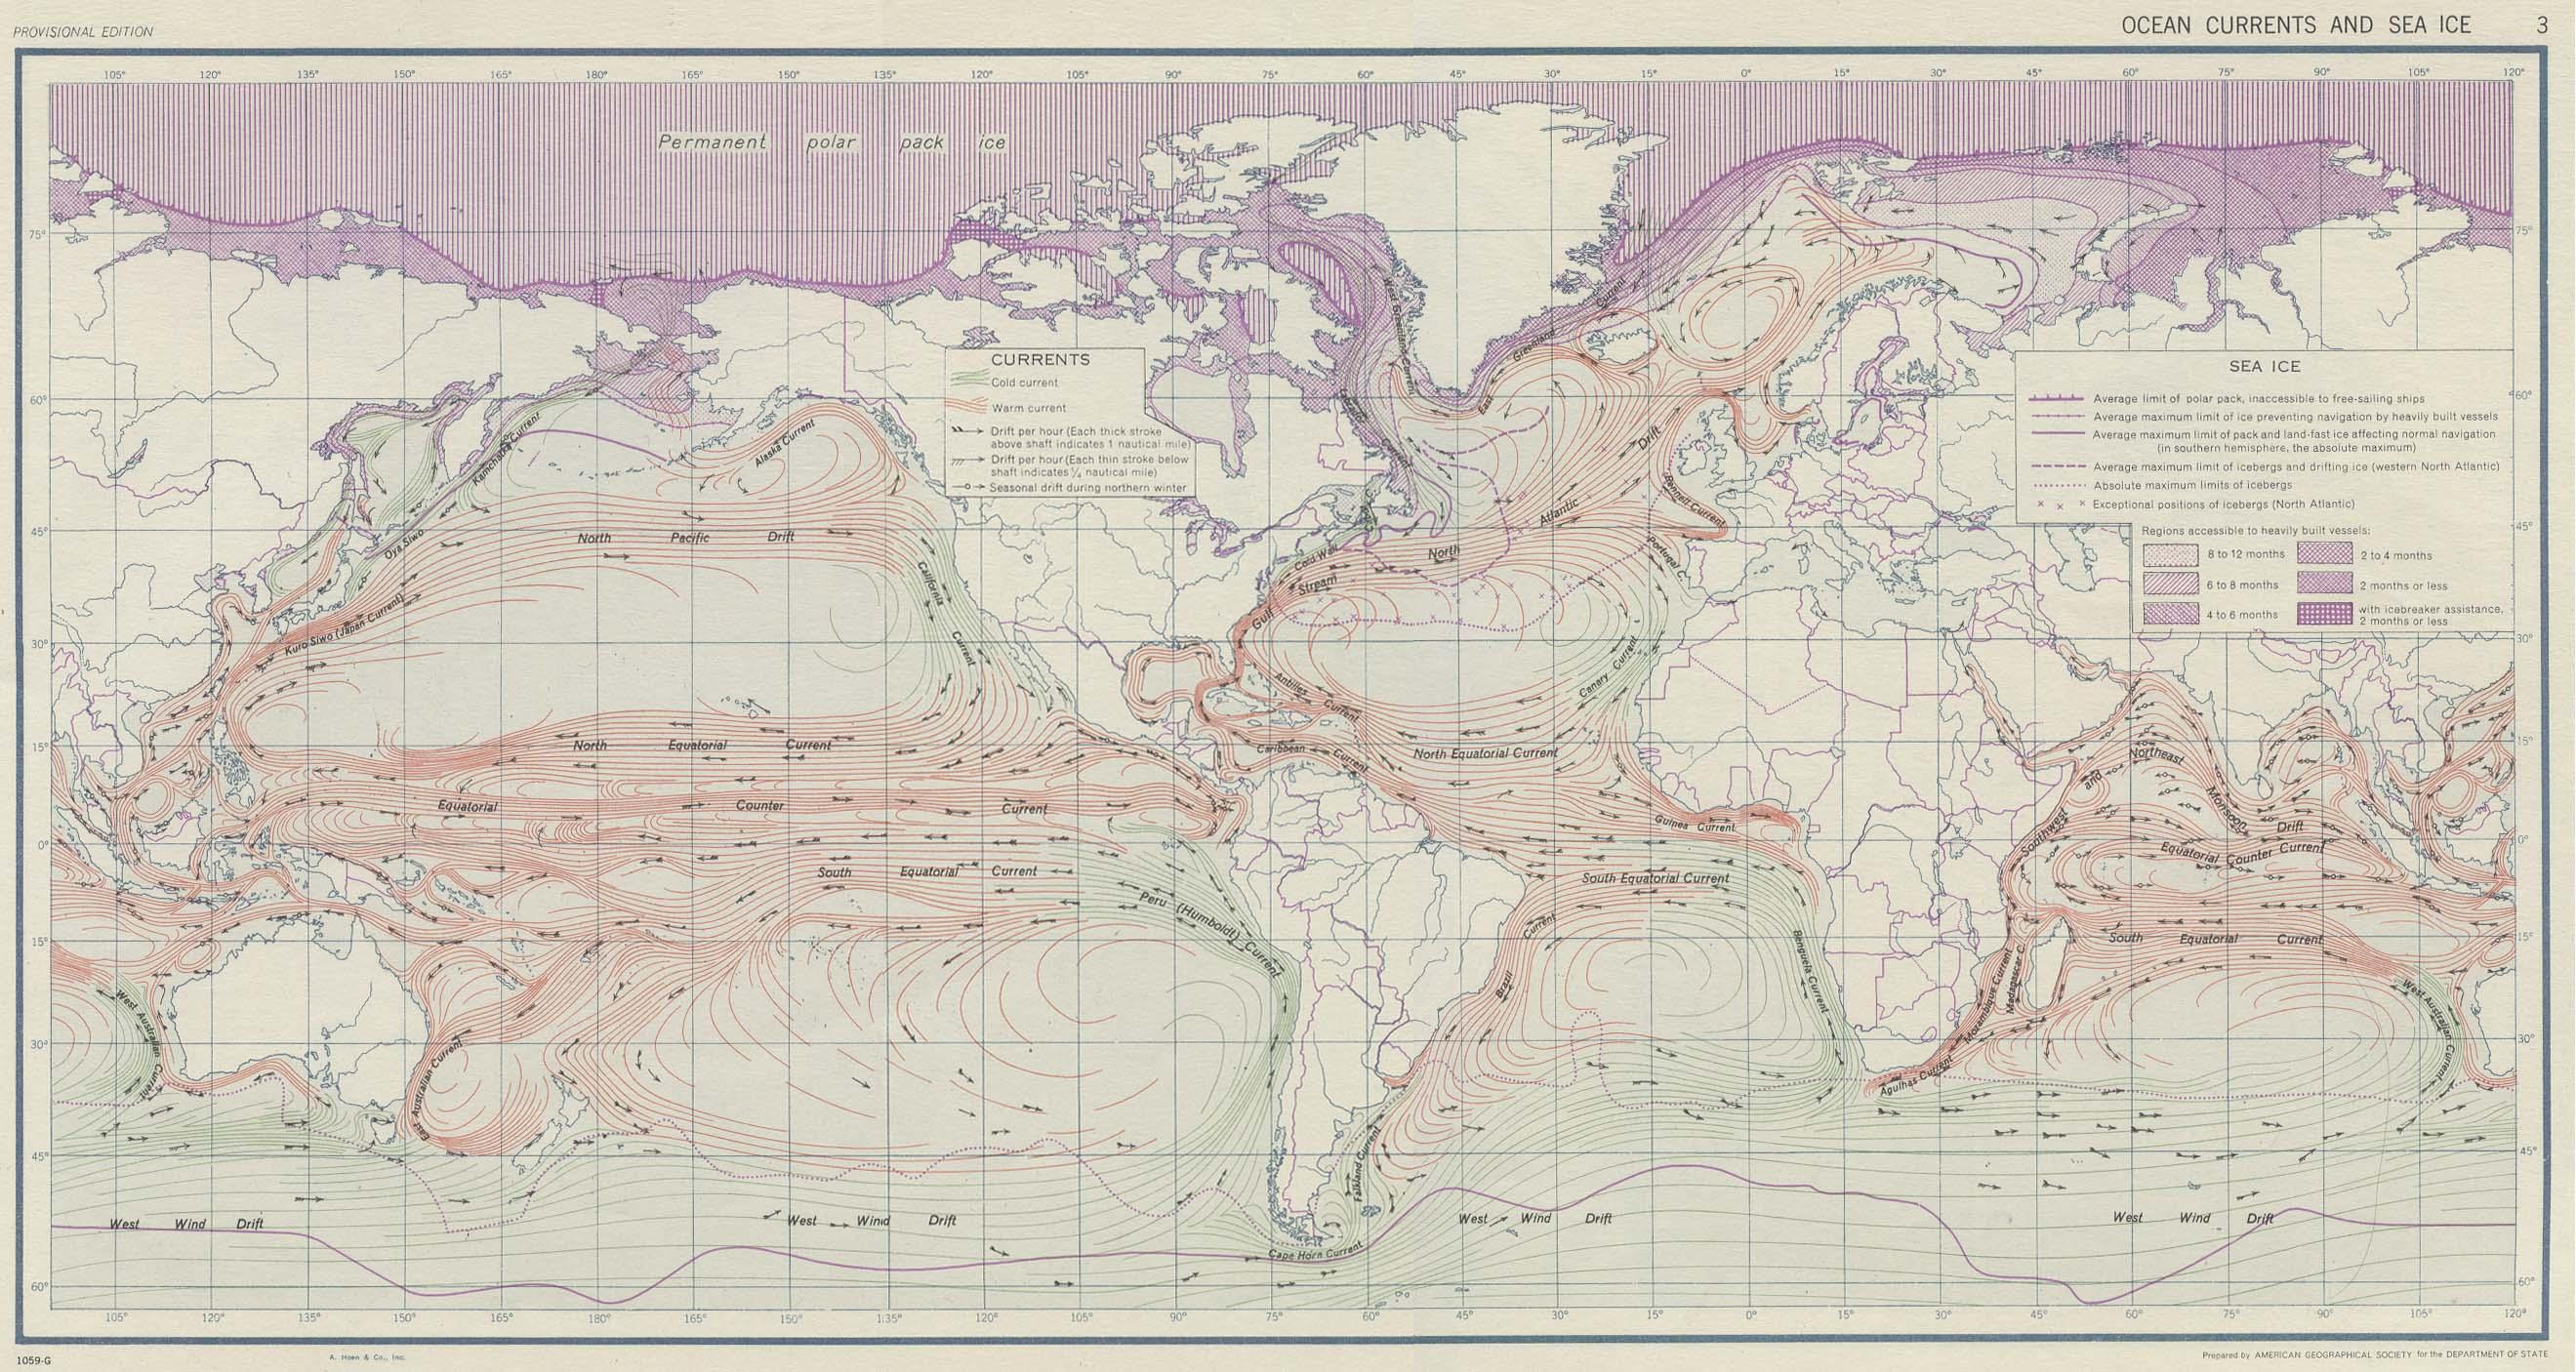 atlantische oceaan pacific oceaan